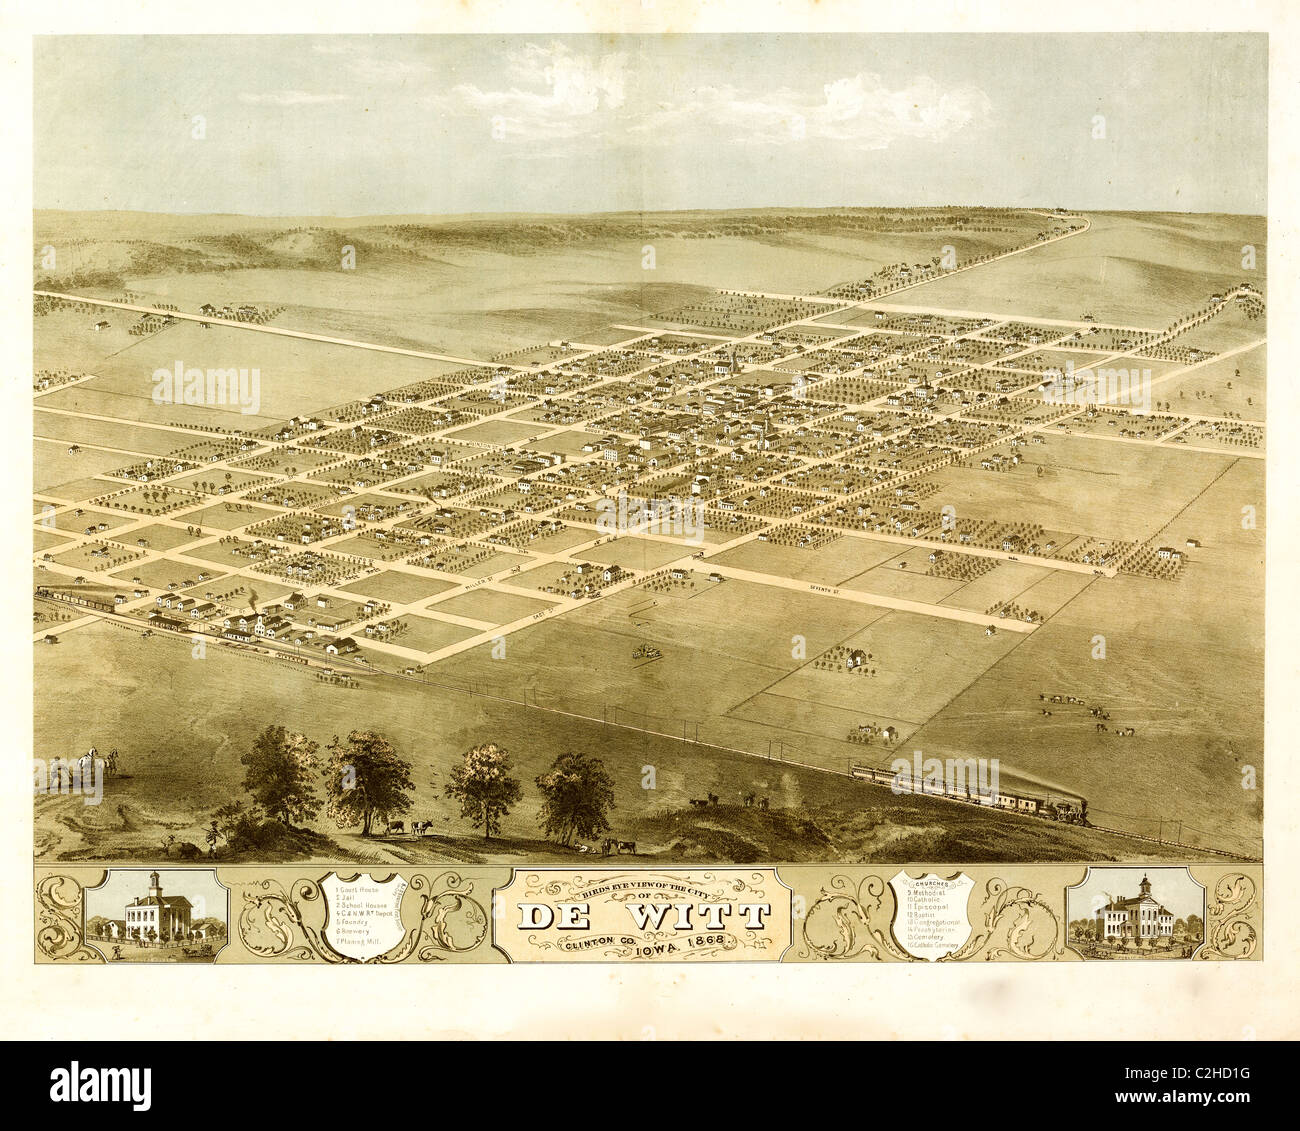 DeWitt. Iowa 1868 - Stock Image